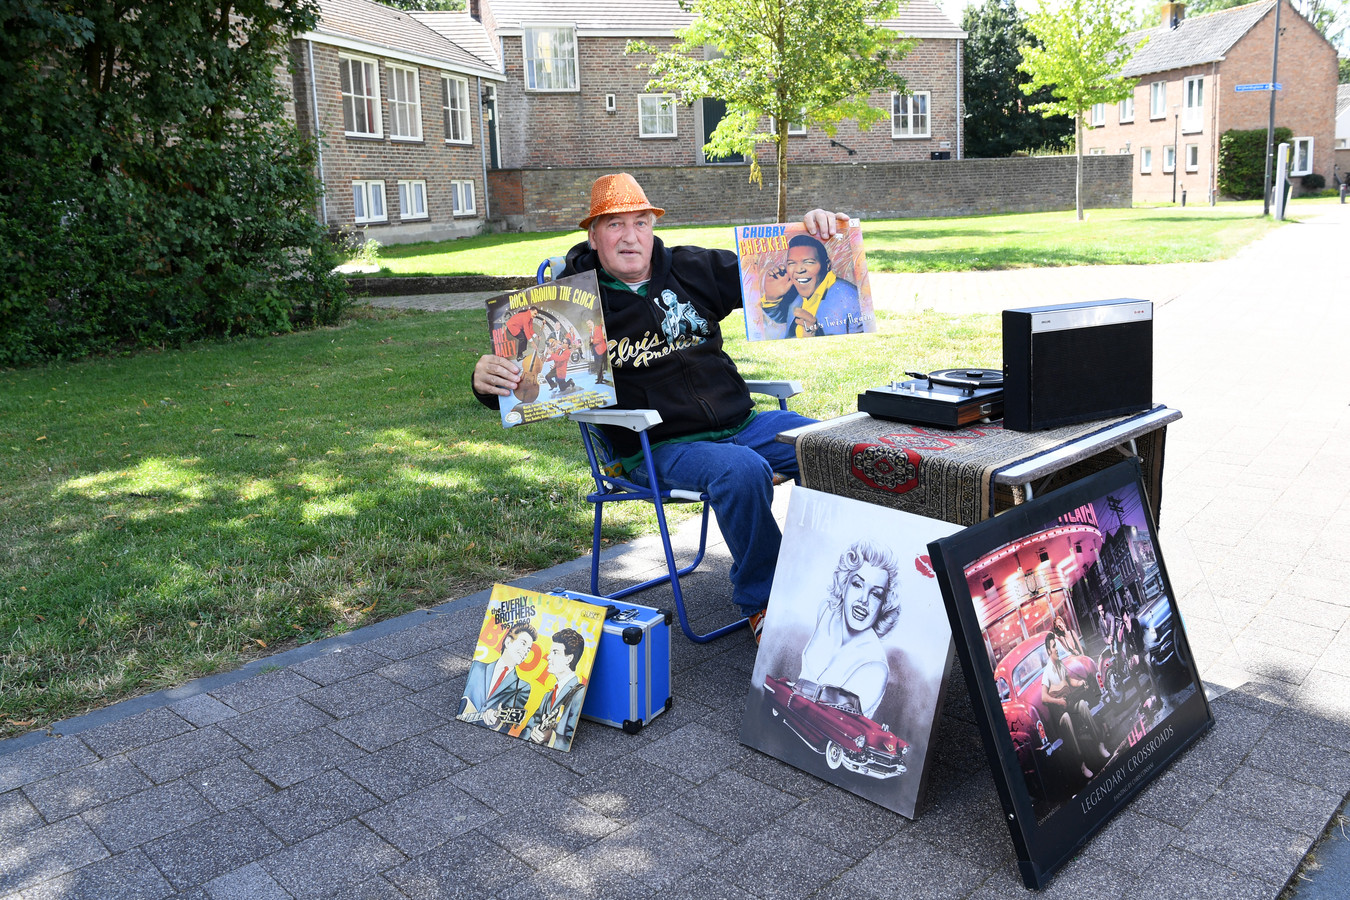 Dirk de Rijken draait regelmatig plaatjes op het Vrijheidsplein in Dussen. Eerder deze week is hij door een boa weggestuurd, want er waren klachten binnengekomen op het gemeentehuis. Zowat heel Dussen vindt dat belachelijk.